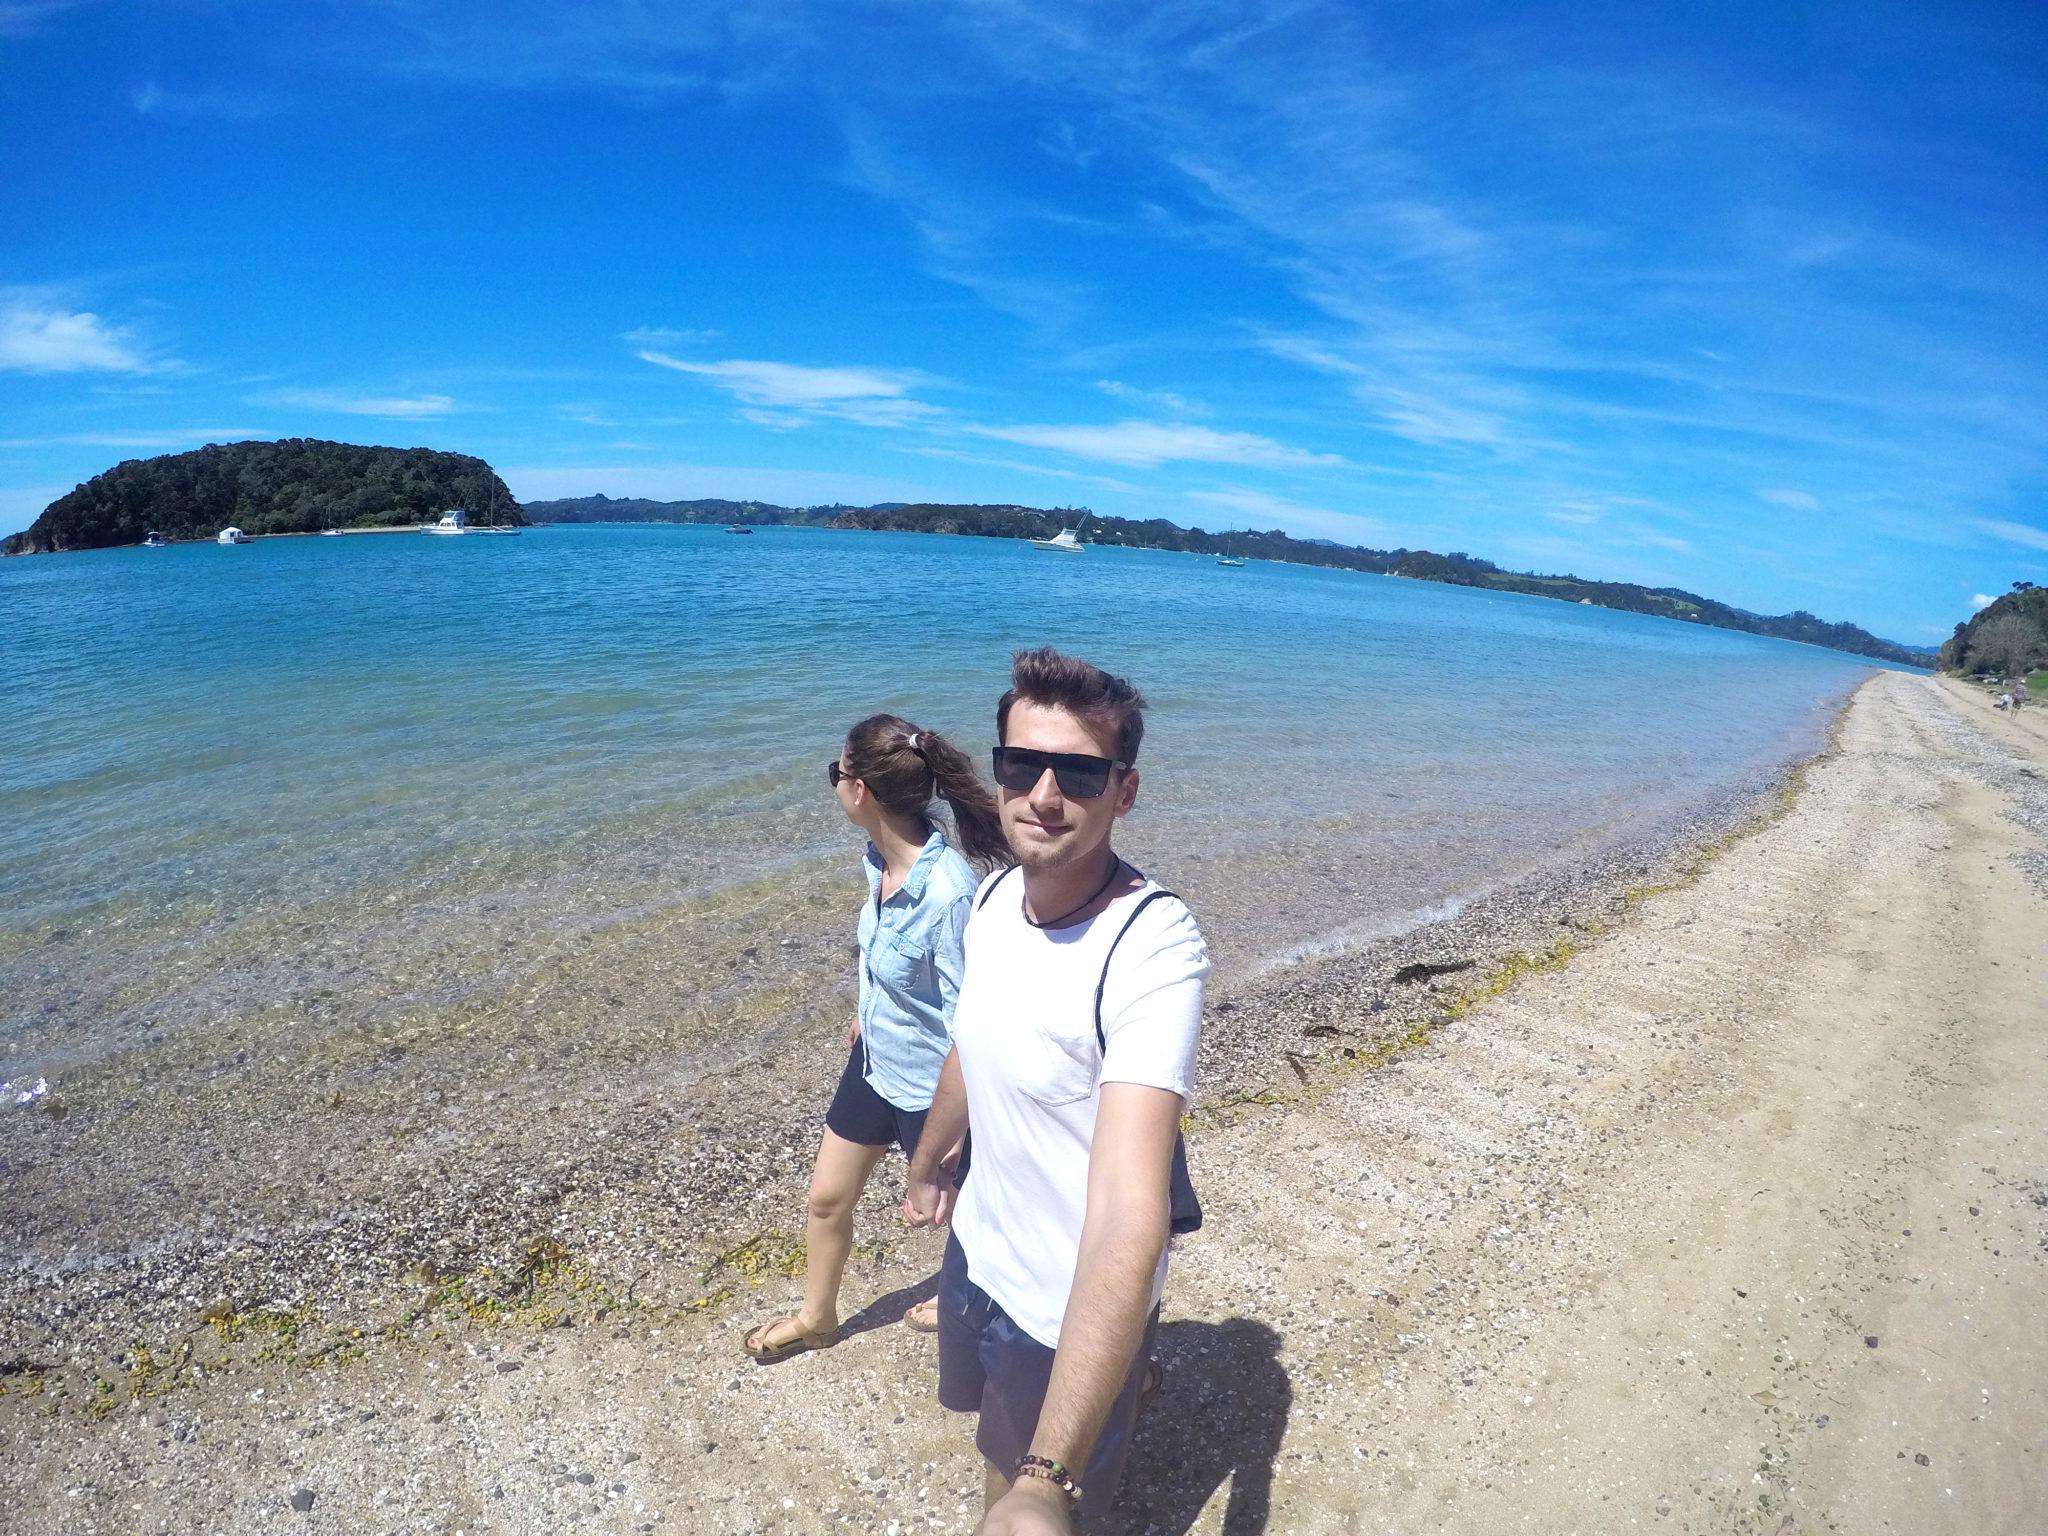 Nový Zéland Facebook: Z&Z Nový Zéland